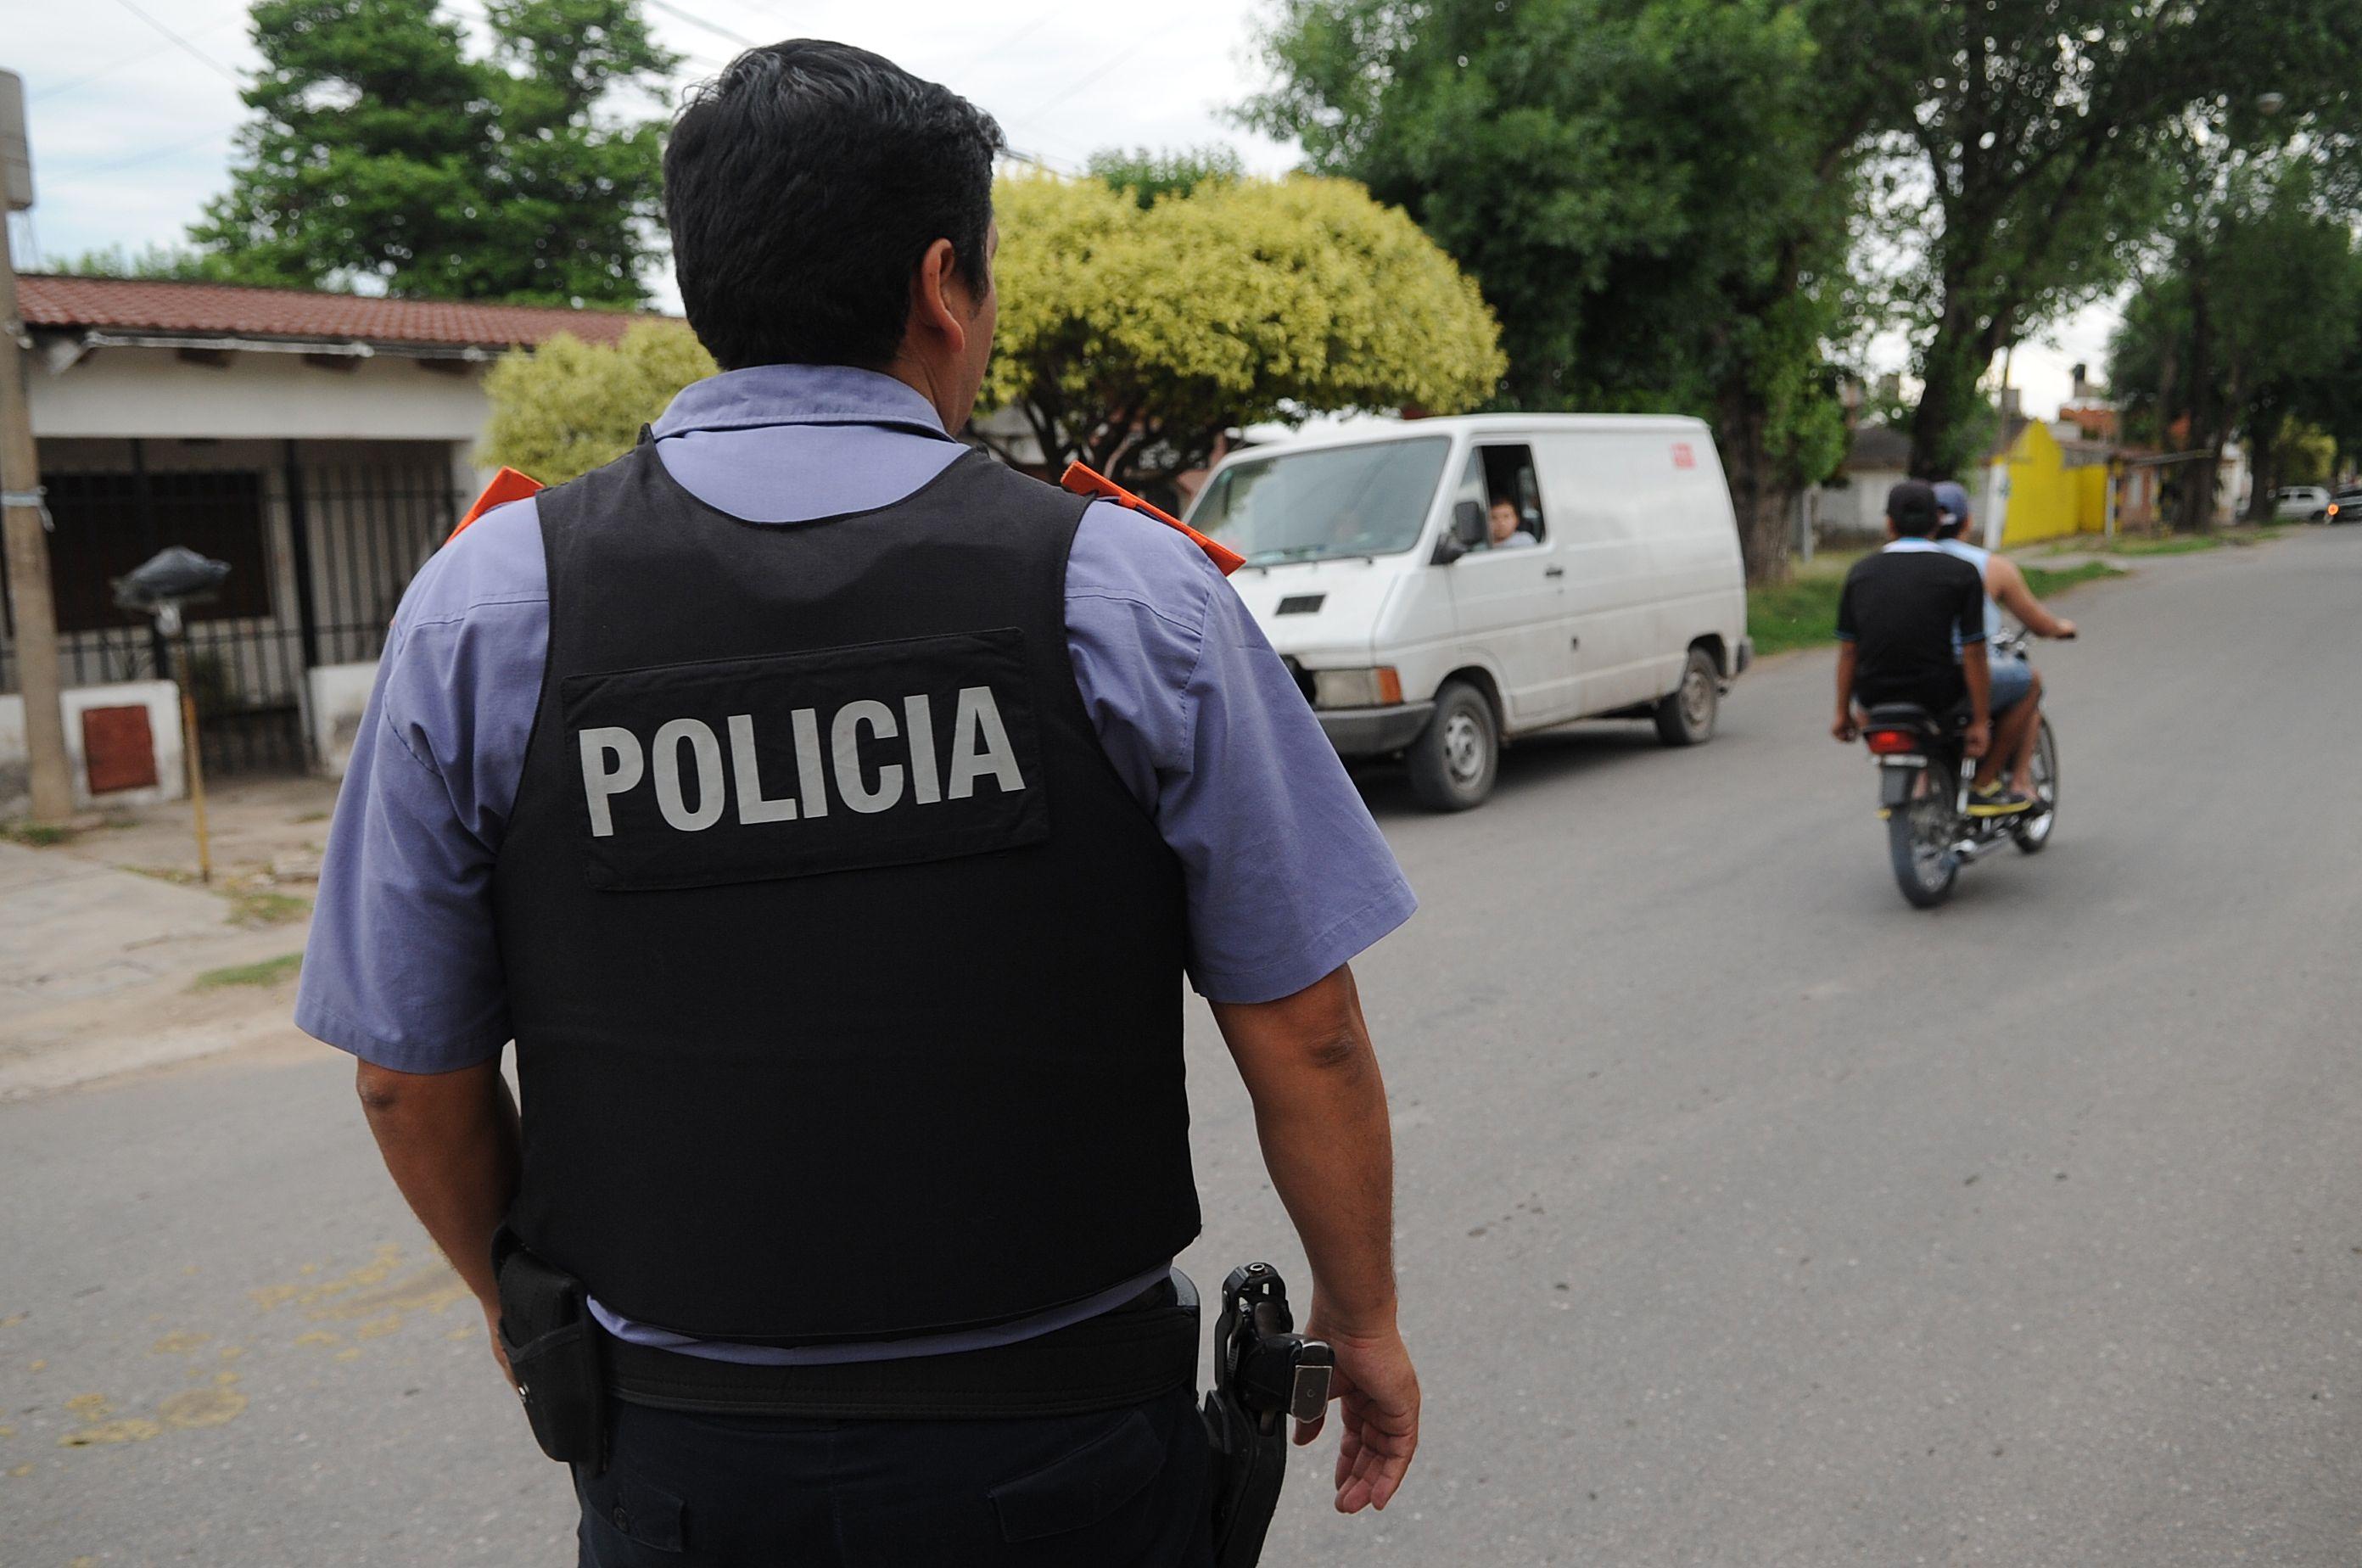 Chaumont dijo que la gente desconfía de la policía porque hay nichos de corrupción